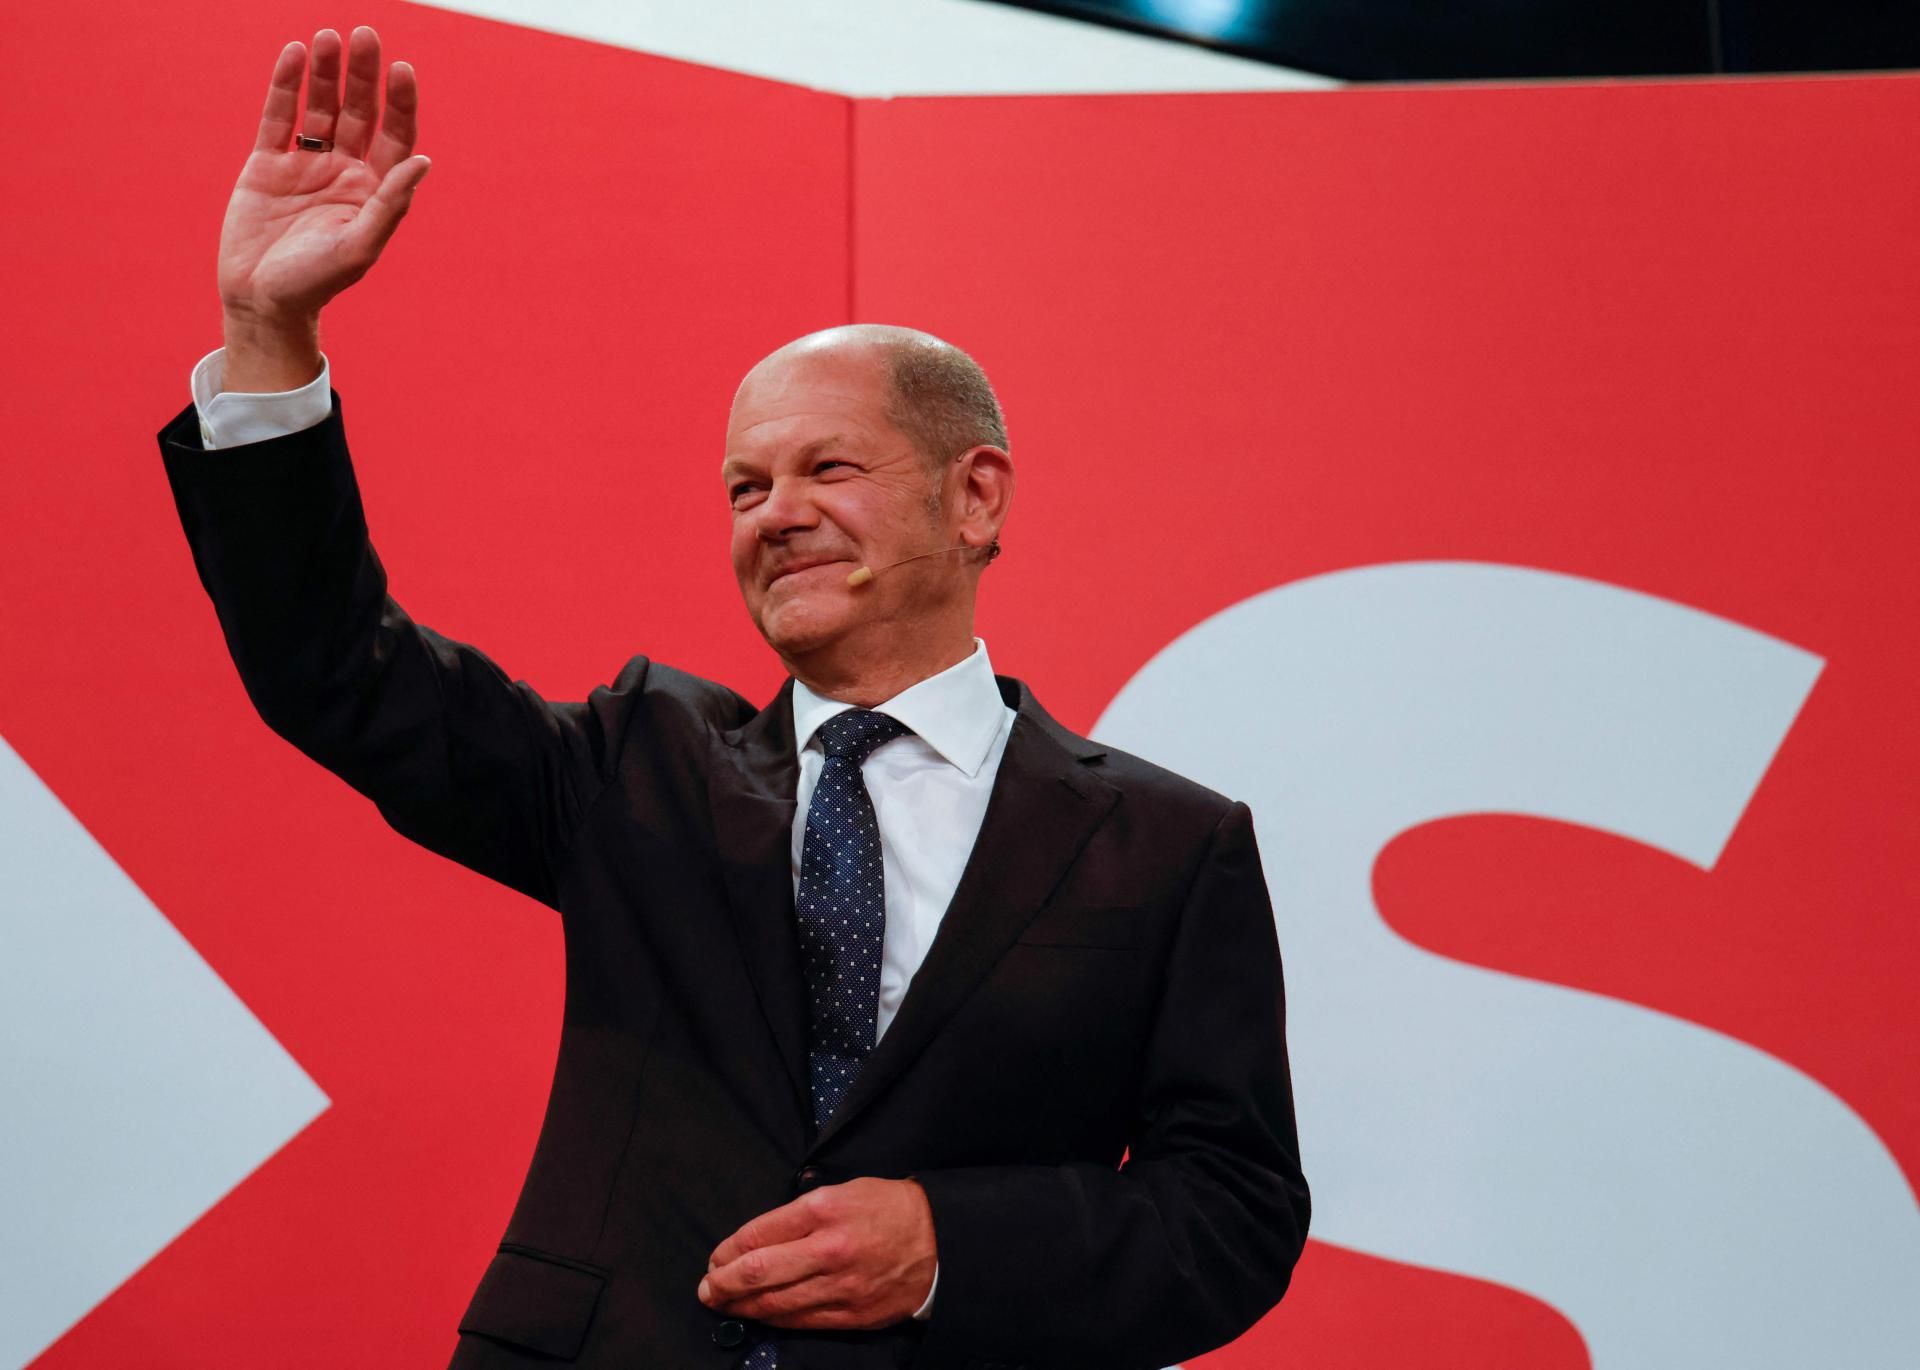 Najneizvjesniji izbori u novijoj povijesti Njemačke: SPD u blagoj prednosti pred CDU koji je doživio jak udarac, kreću koalicijski pregovori, mogu trajati mjesecima